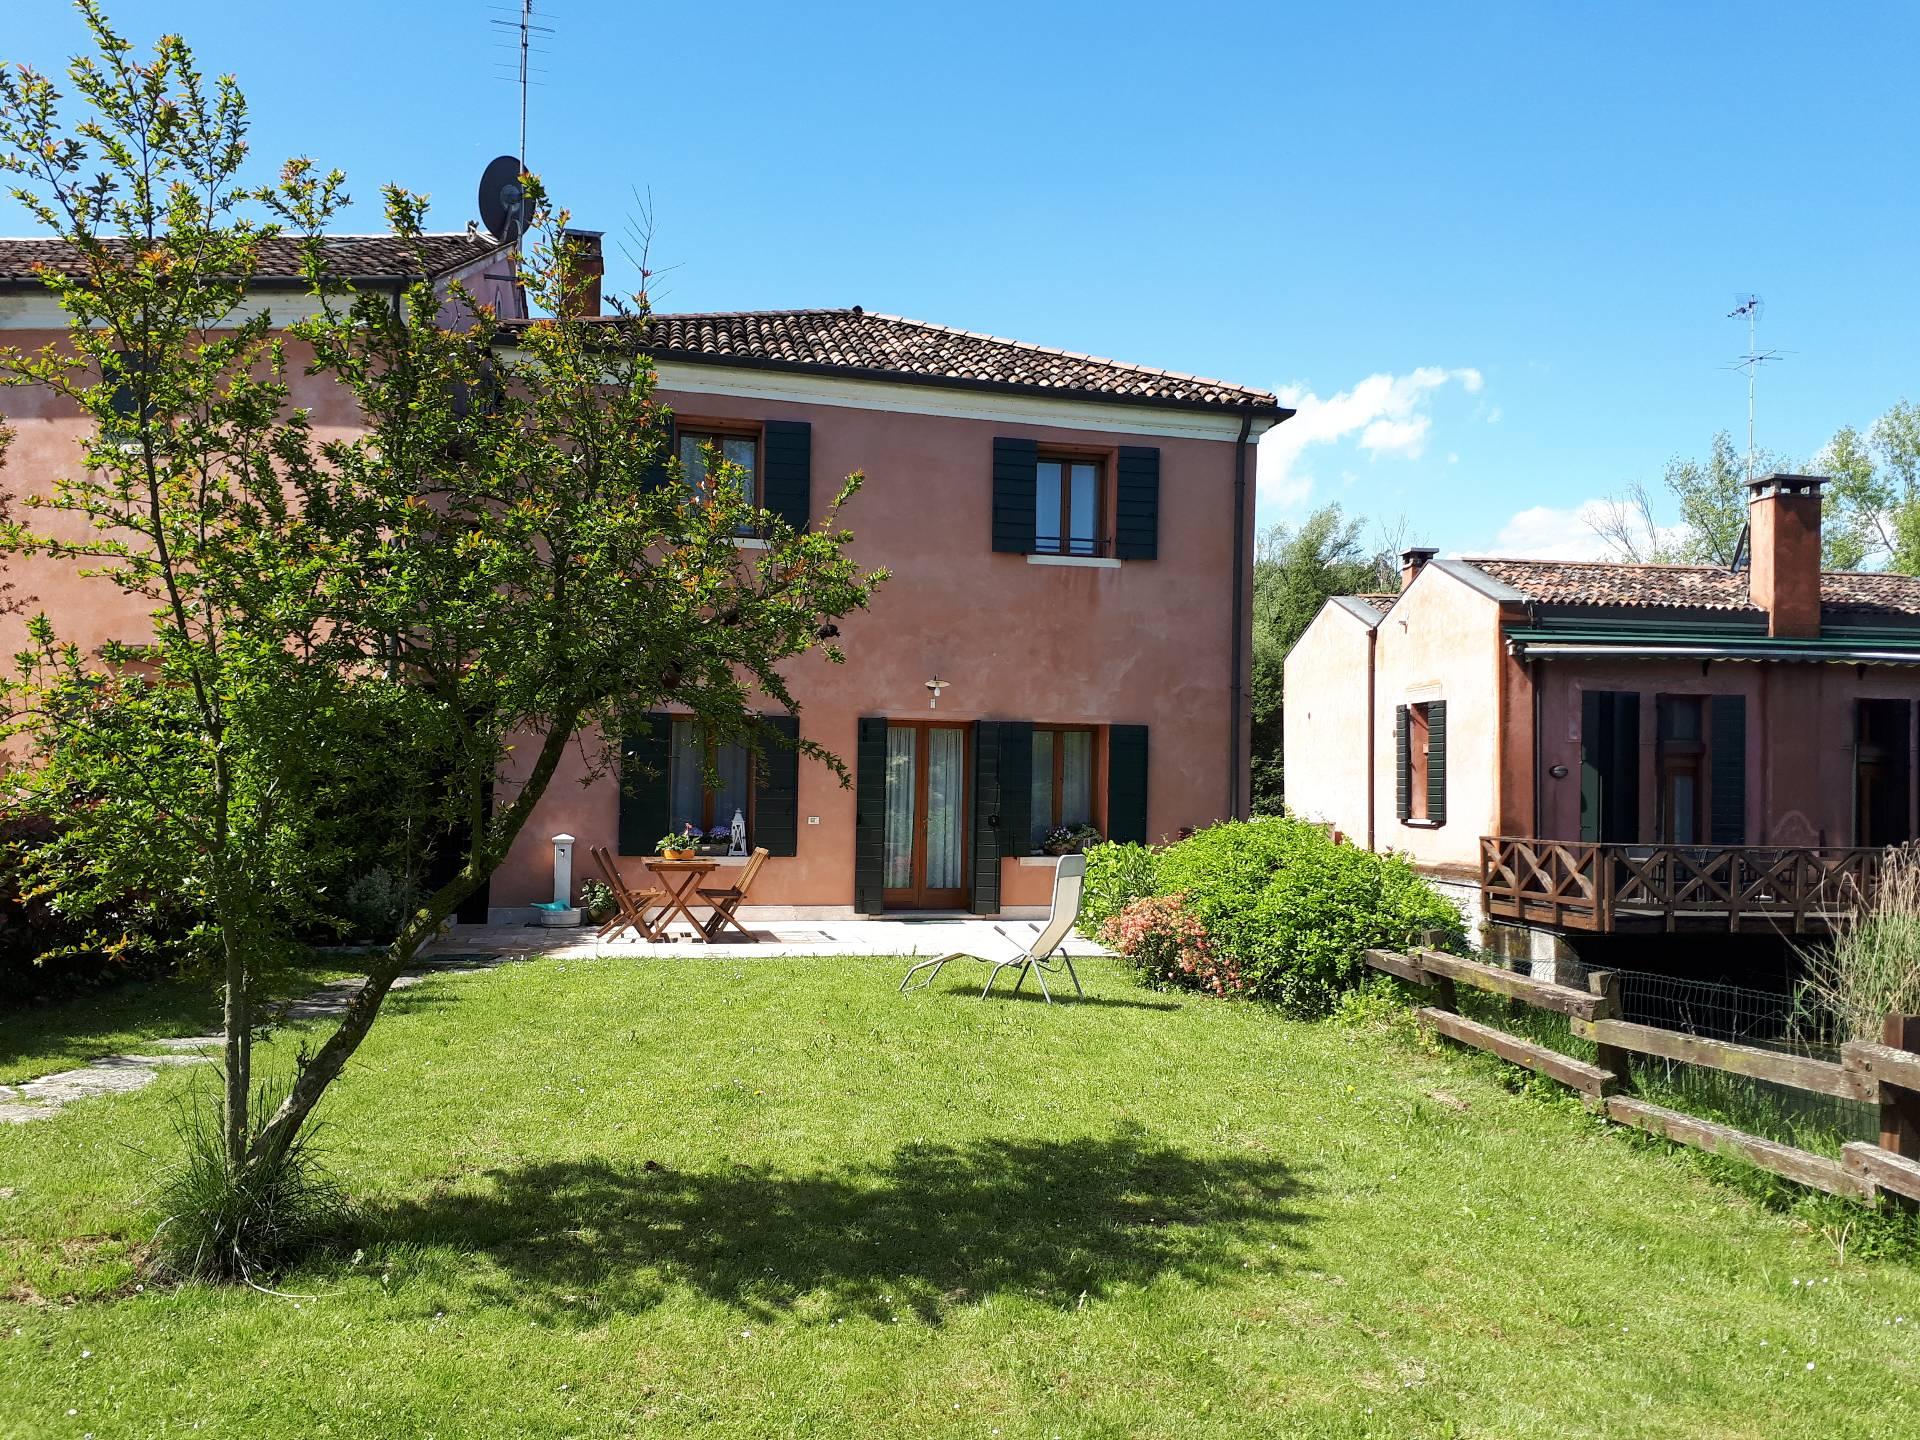 Rustico / Casale in vendita a Treviso, 8 locali, prezzo € 360.000 | Cambio Casa.it